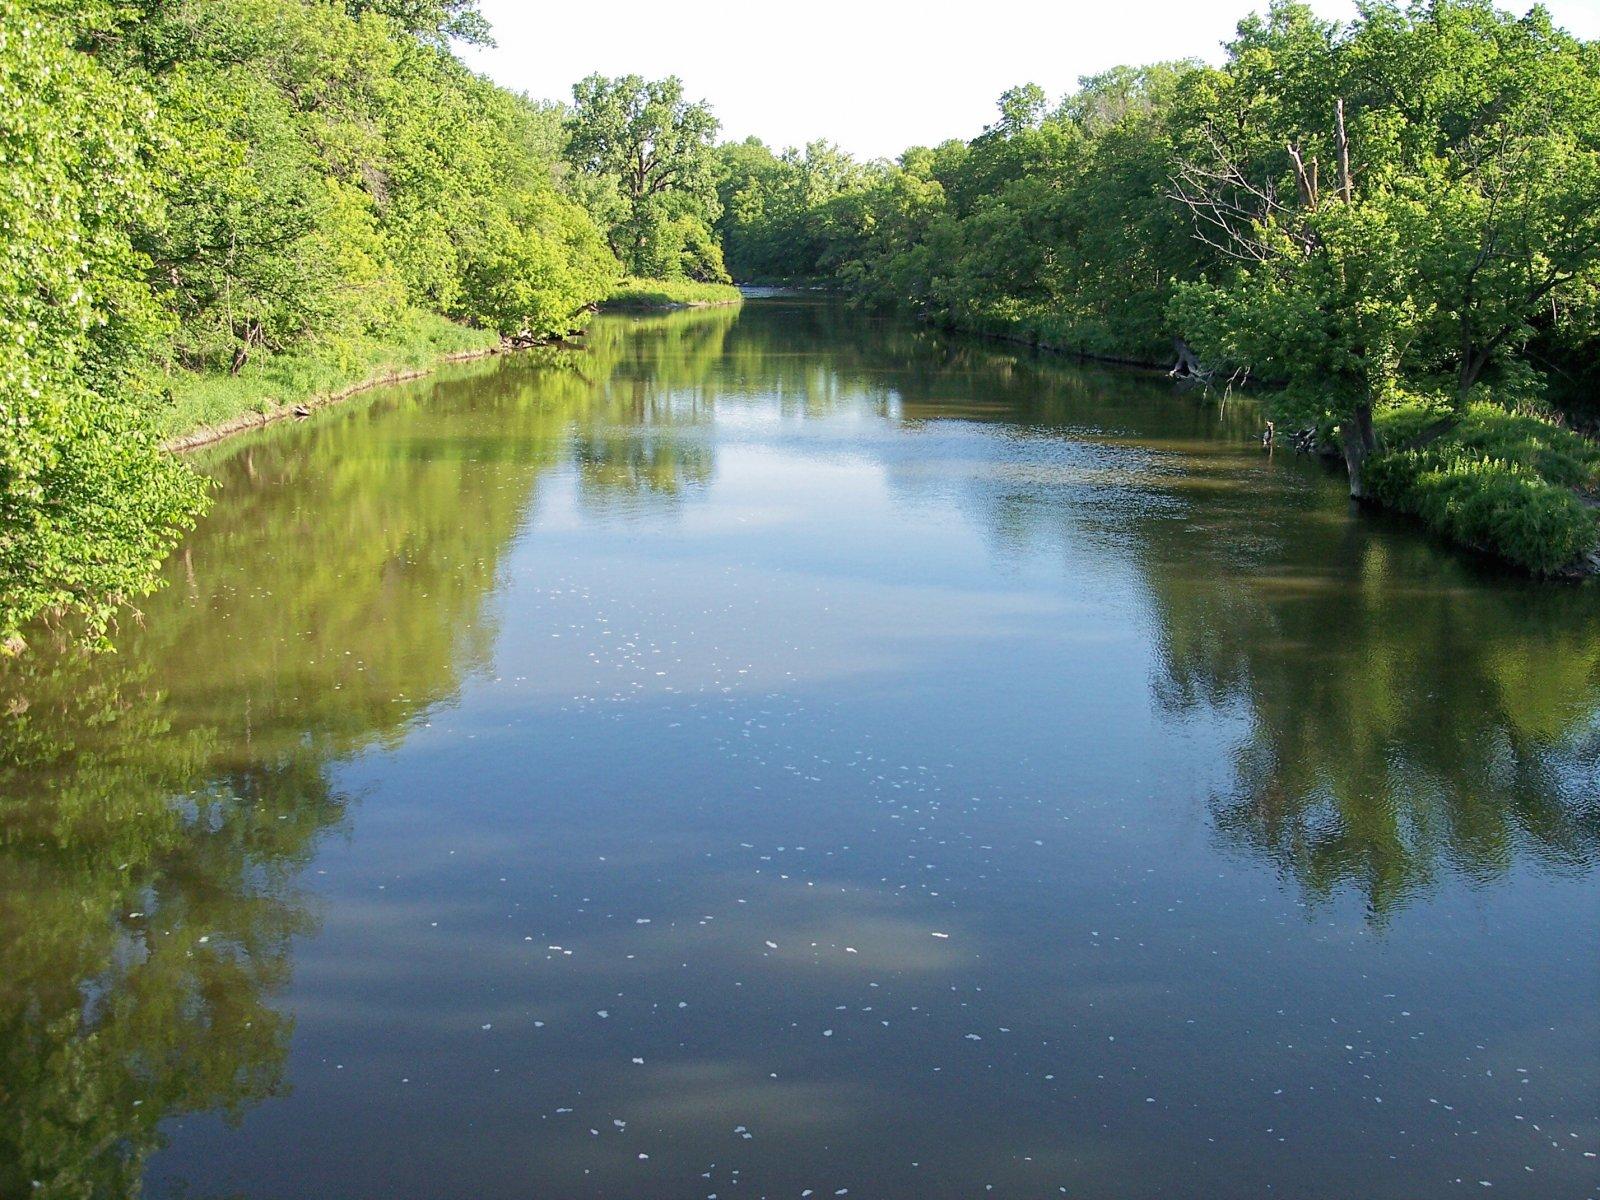 מה ההבדל בין נחל נהר יובל ופלג? 🏞